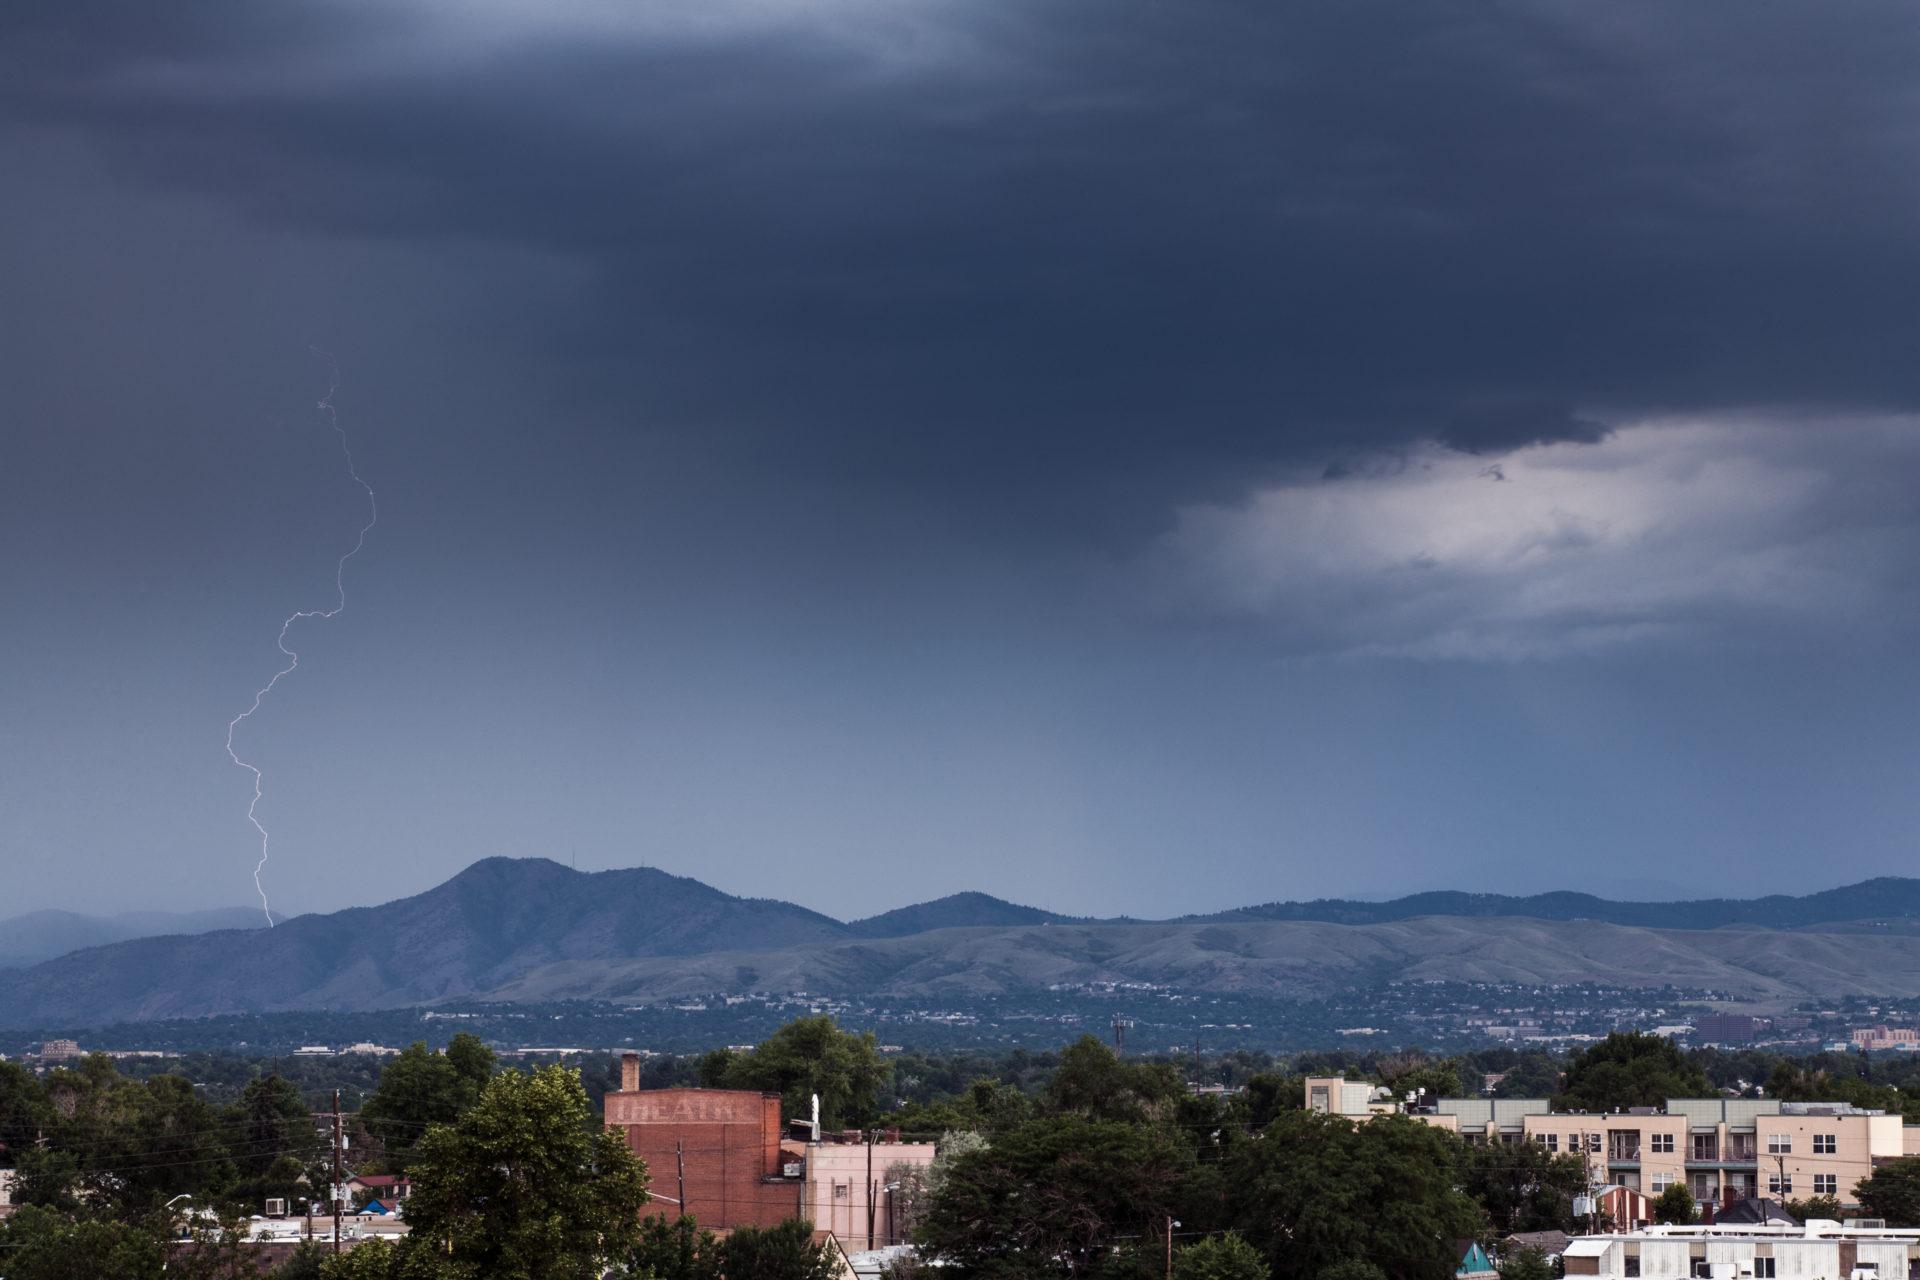 Mount Evans obscured - July 9, 2011